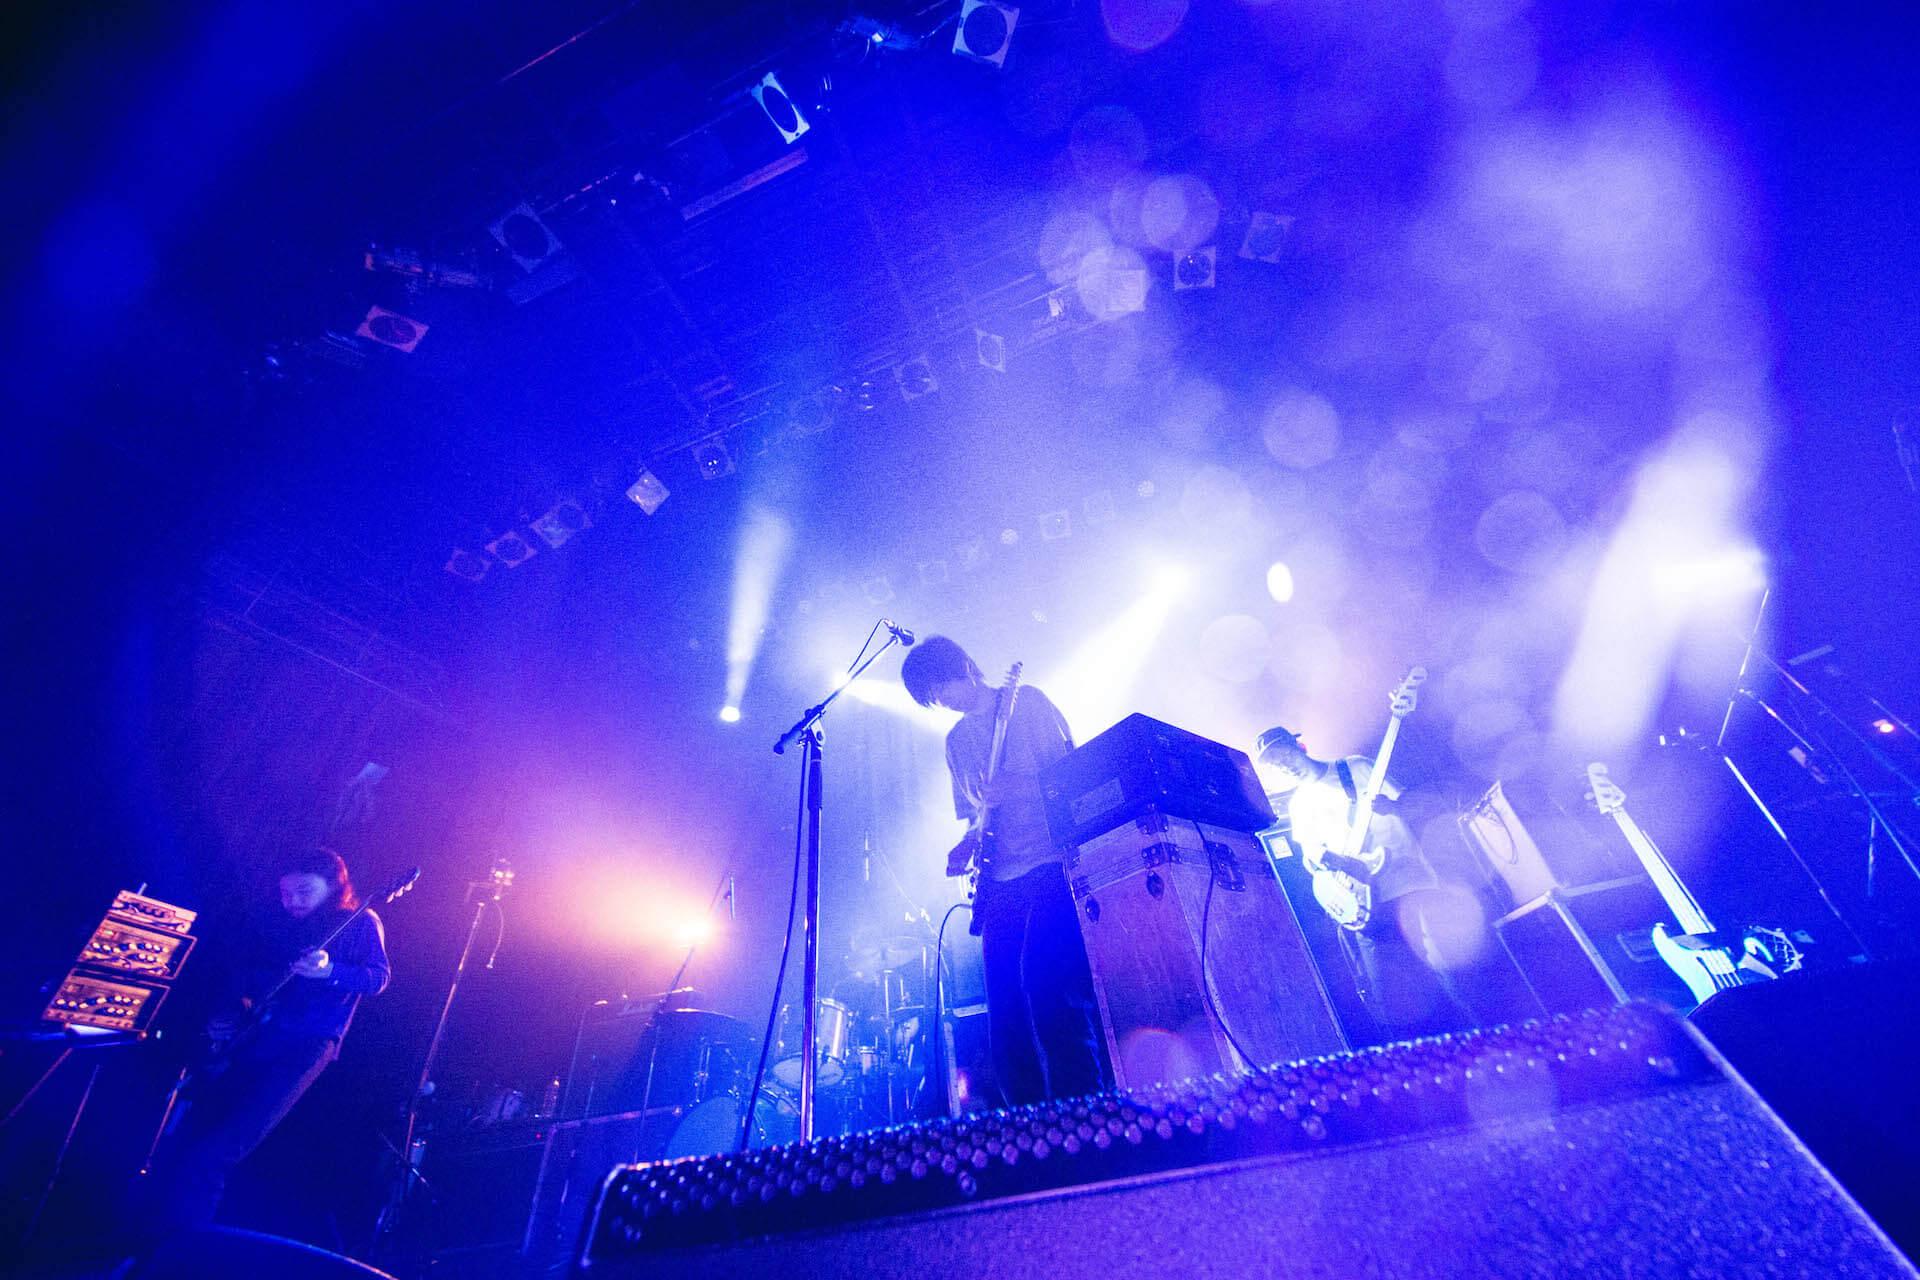 世界を旅するバンドが魅せるサイケデリアのまどろみ 幾何学模様 × OGRE YOU ASSHOLE ライブレポート music191103-kikagakumoyo-ogreyouasshole-7